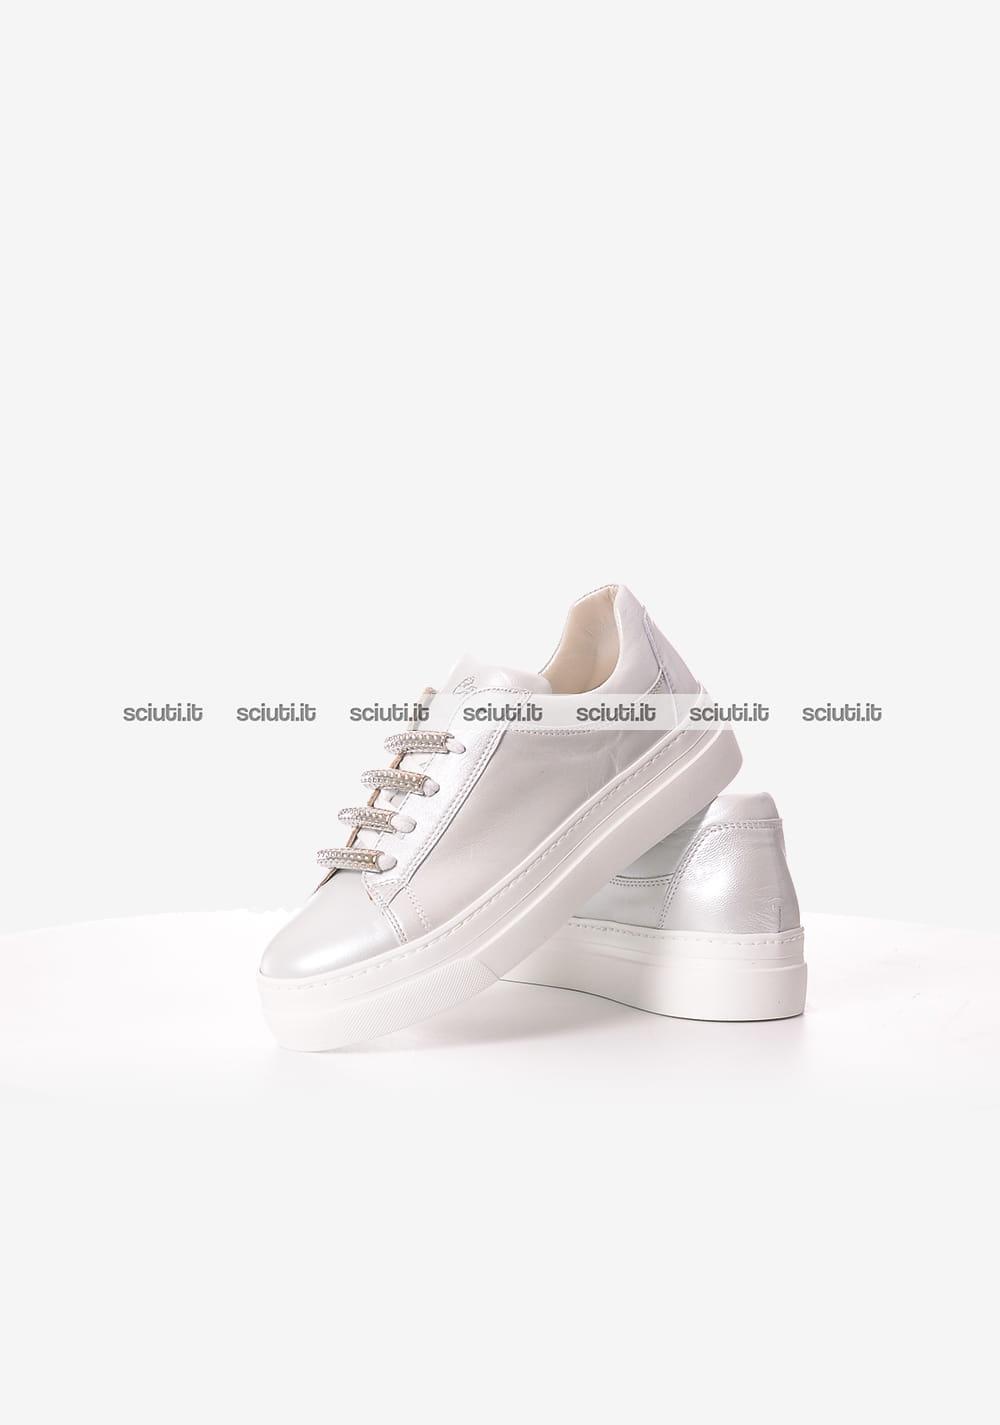 Scarpe cesare paciotti donna sneakers diva argento perlato sciuti pelle